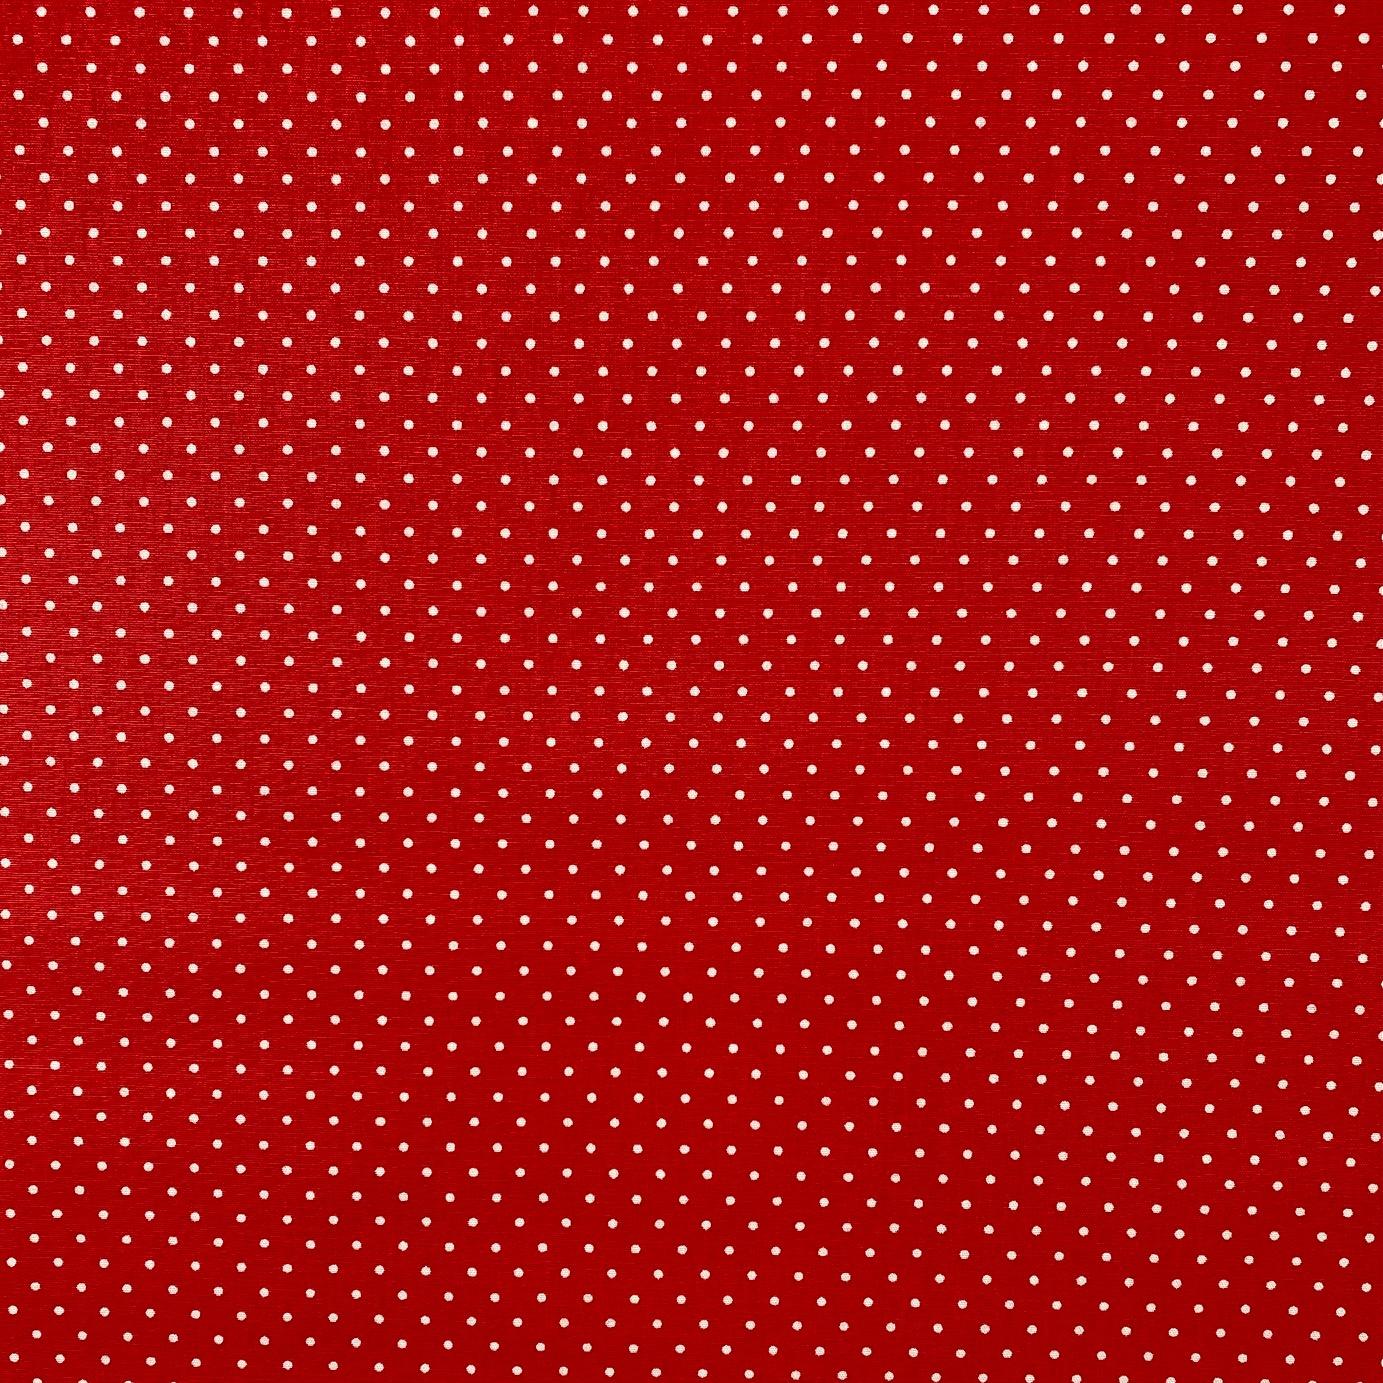 Baumwollpopeline, Punkte, rot. Art. SW11368